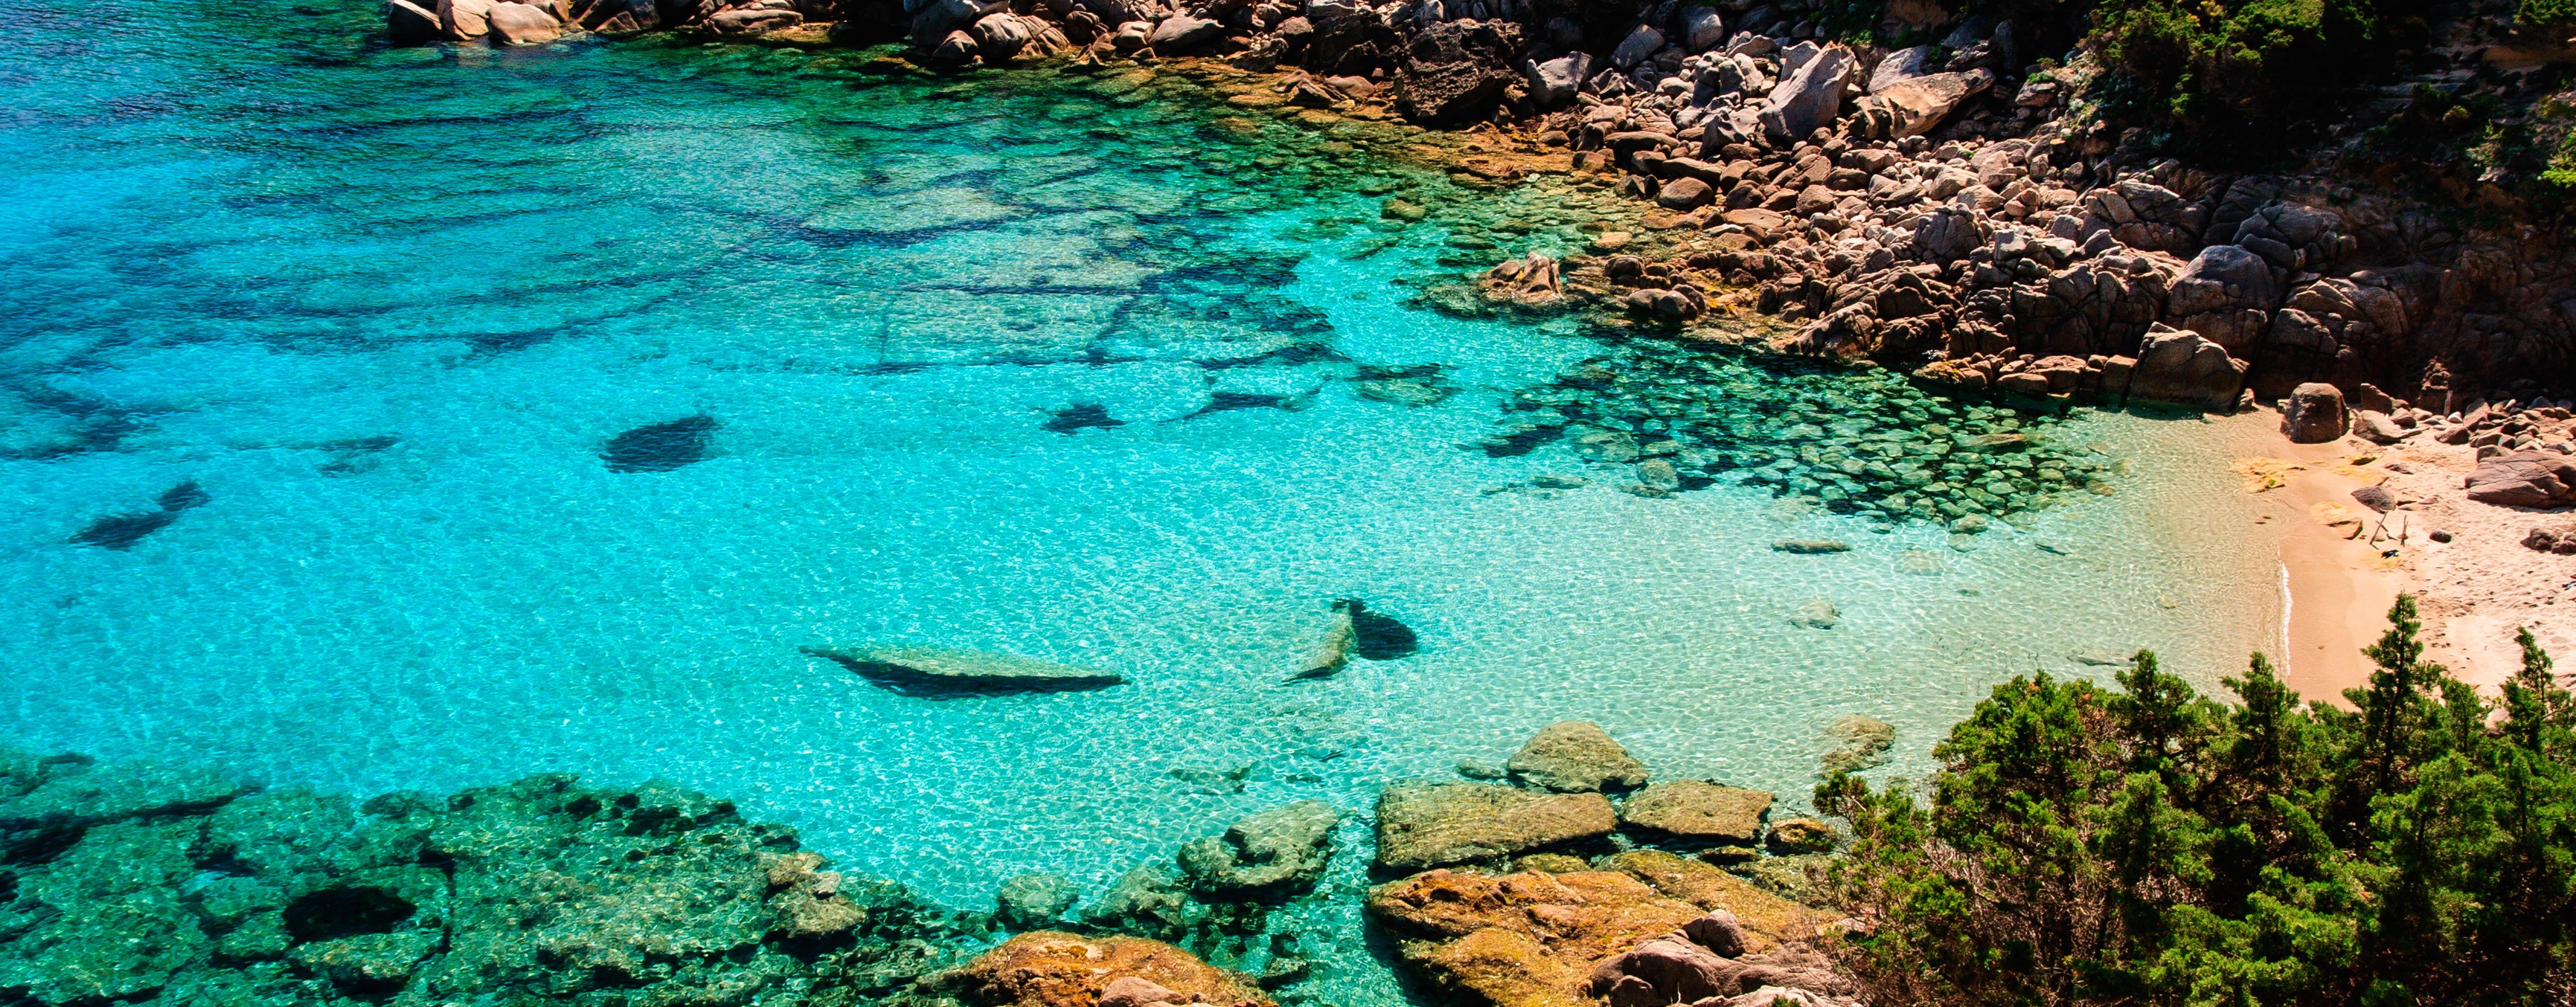 Cartina Sardegna Isola Rossa.Spiagge Costa Paradiso Guida Alle Spiagge Piu Belle Le Migliori Spiagge Della Gallura Sardegna